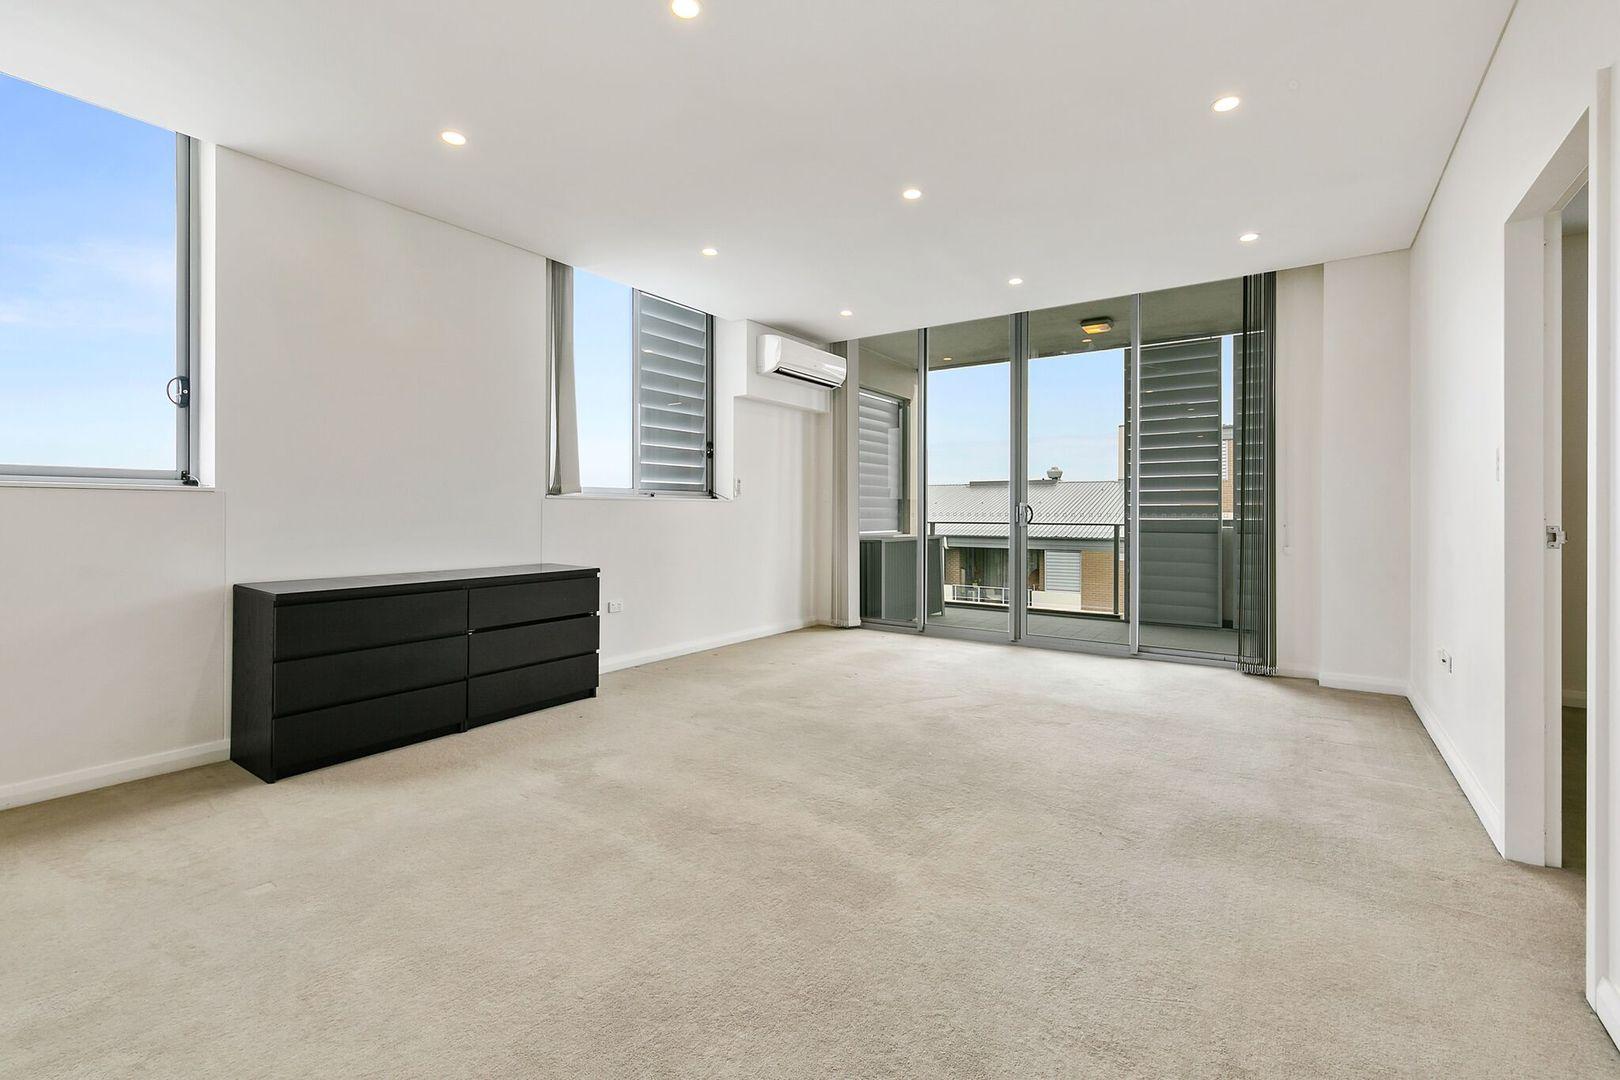 C43/1-7 Daunt Avenue, Matraville NSW 2036, Image 0